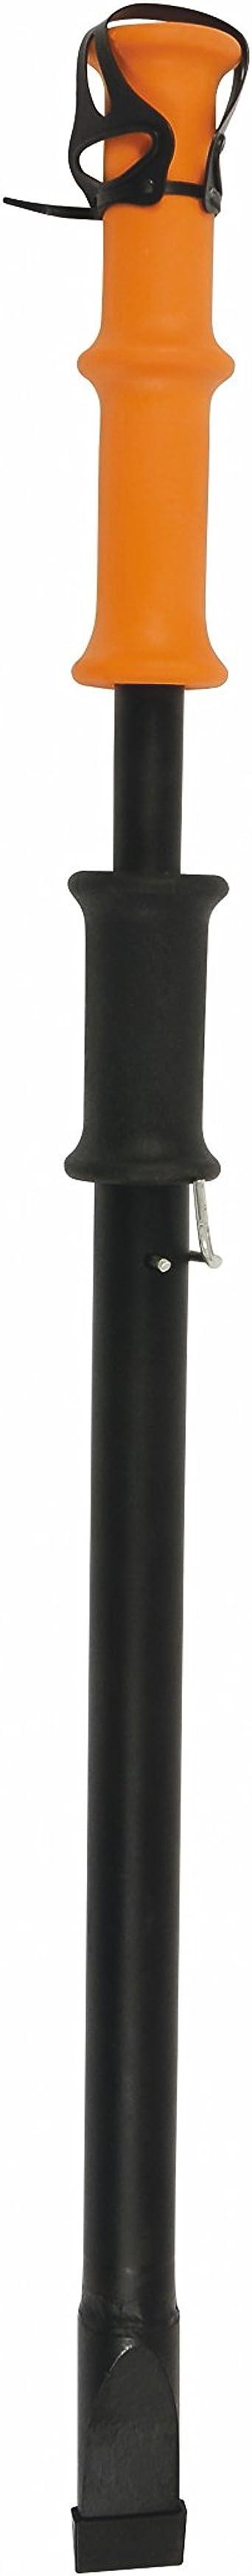 Barra spaccalegna fiskars lunghezza: 98 cm acciaio nero/arancione 1001617 121100